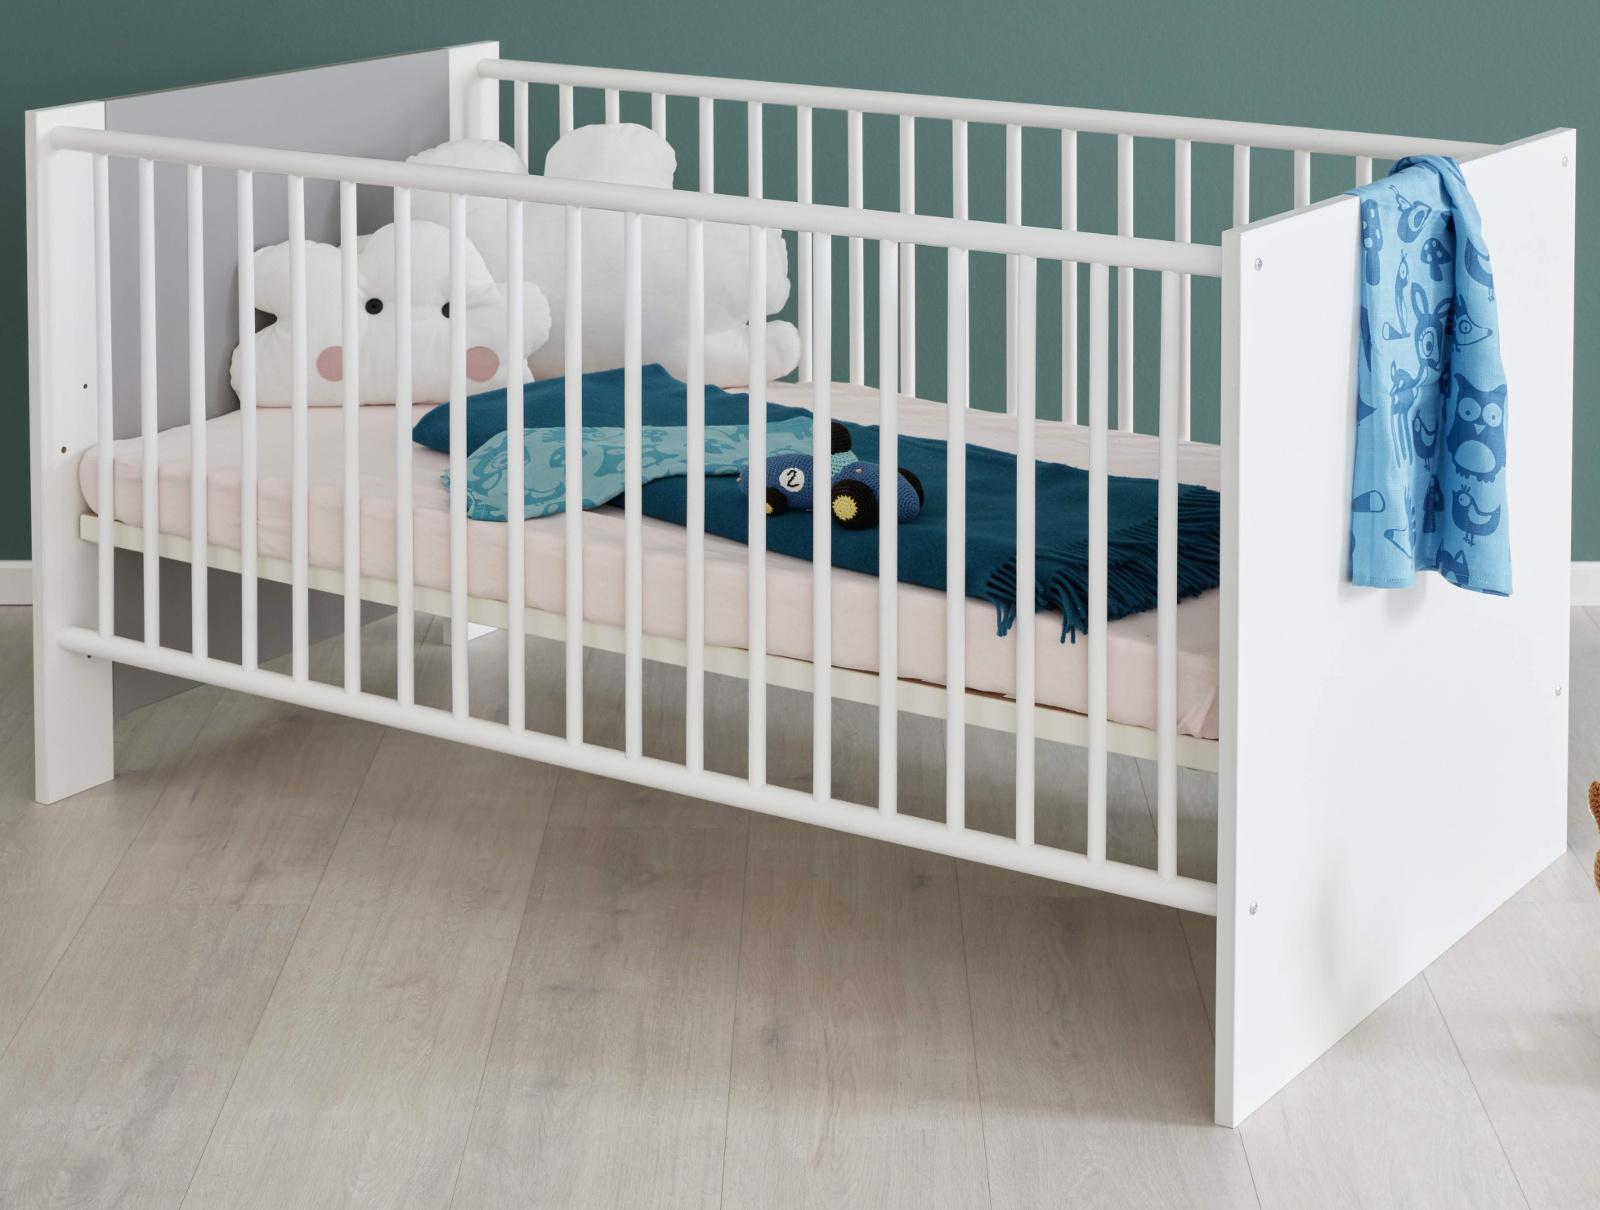 babybett wilson wei und grau 70 x 140 cm. Black Bedroom Furniture Sets. Home Design Ideas